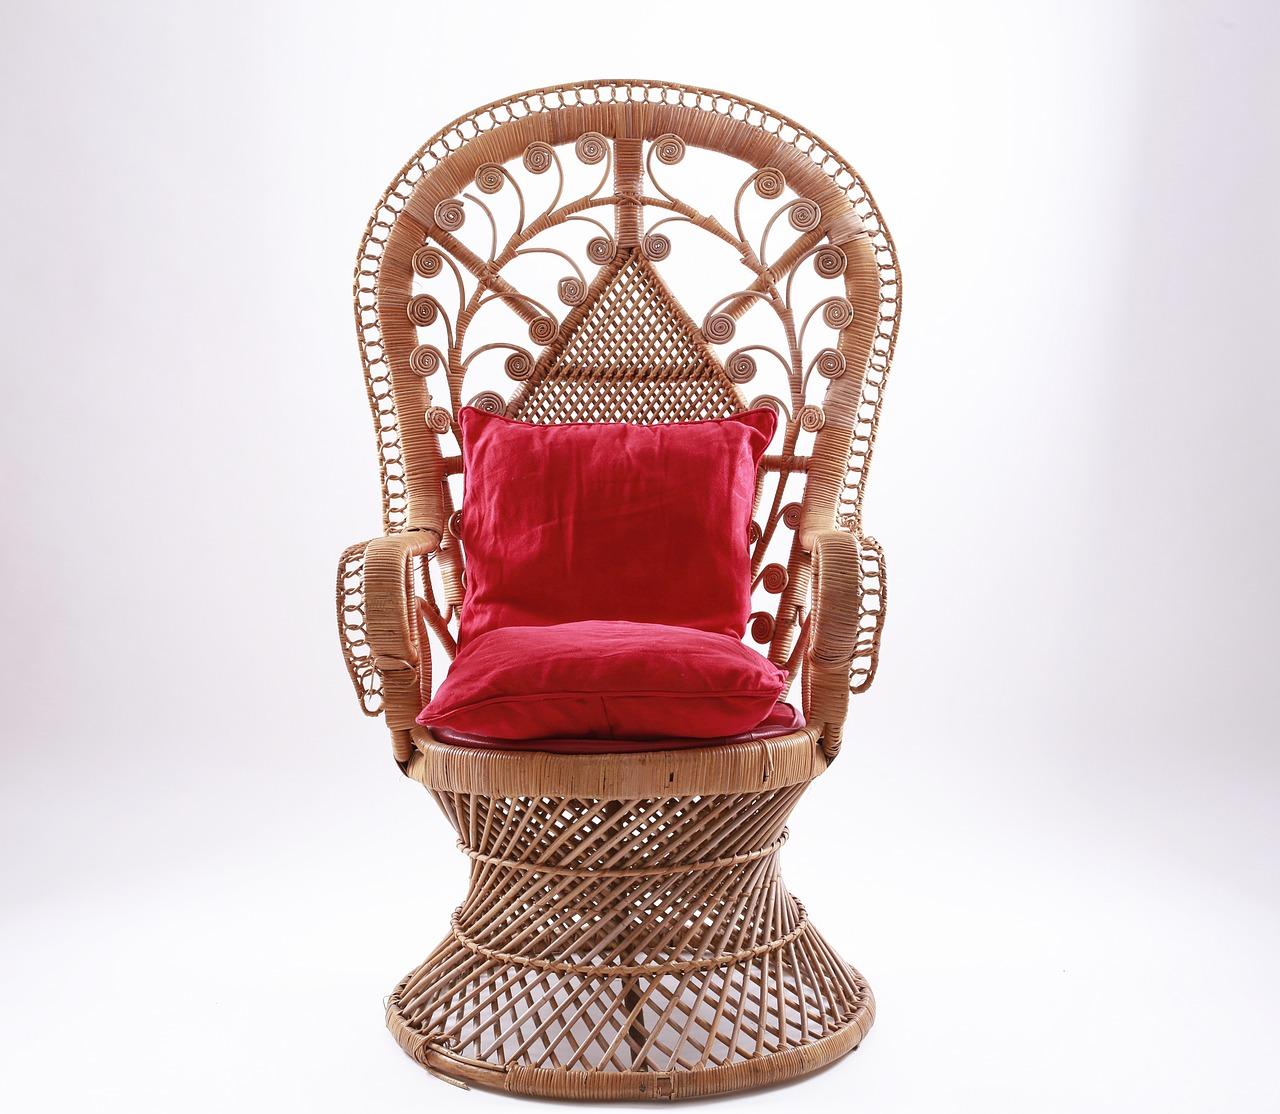 Obývačku môžete mať aj na terase: Stavte na štýlové ratanové sedacie súpravy!